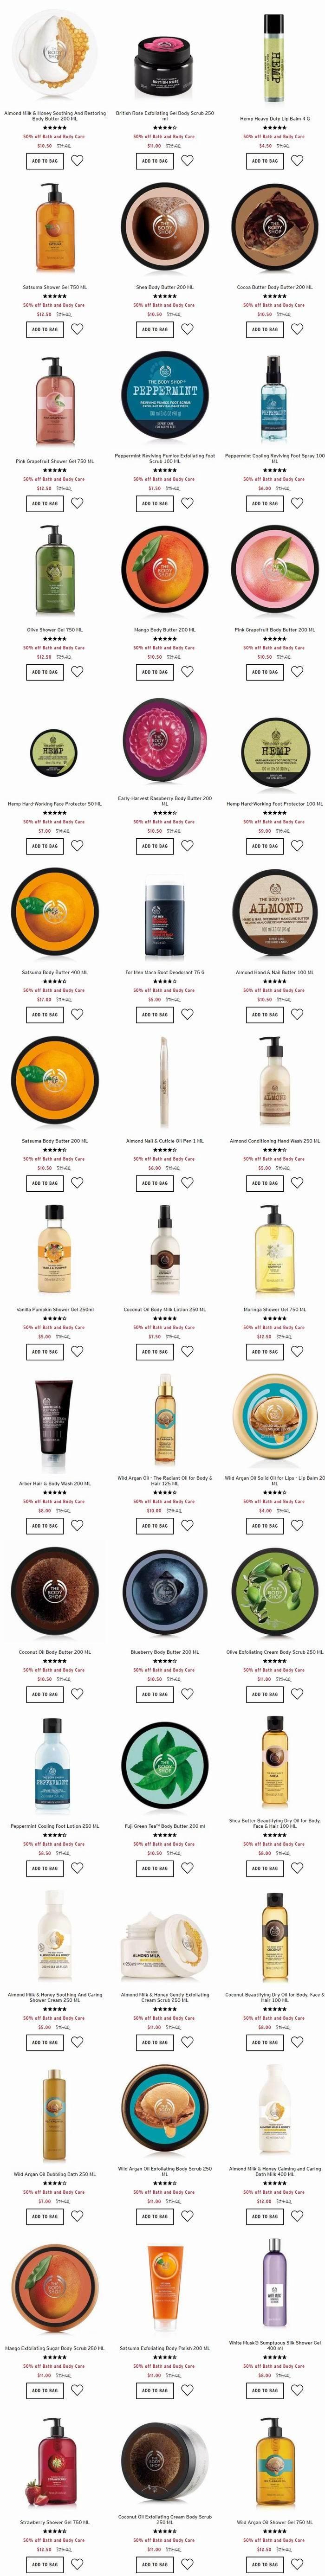 The Body Shop 美体小铺 精选Body Butter身体乳、洗浴用品全面5折!